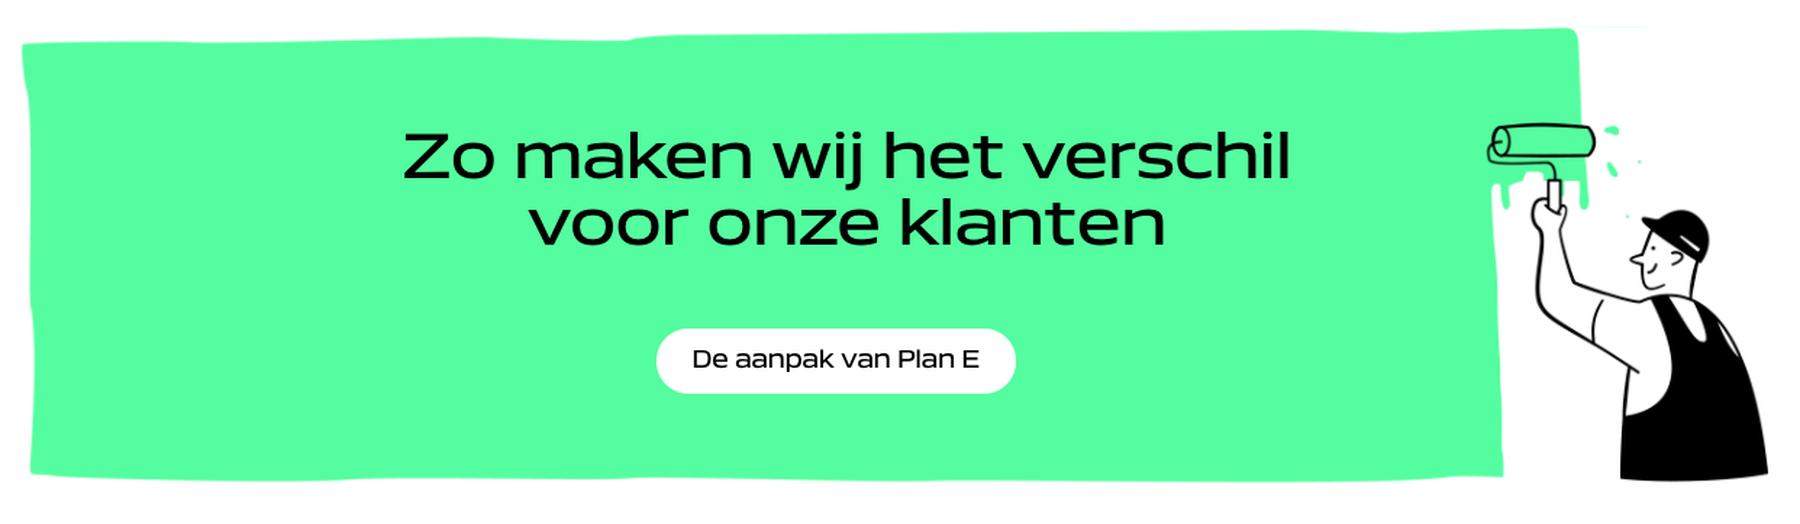 Plan E call-to-action